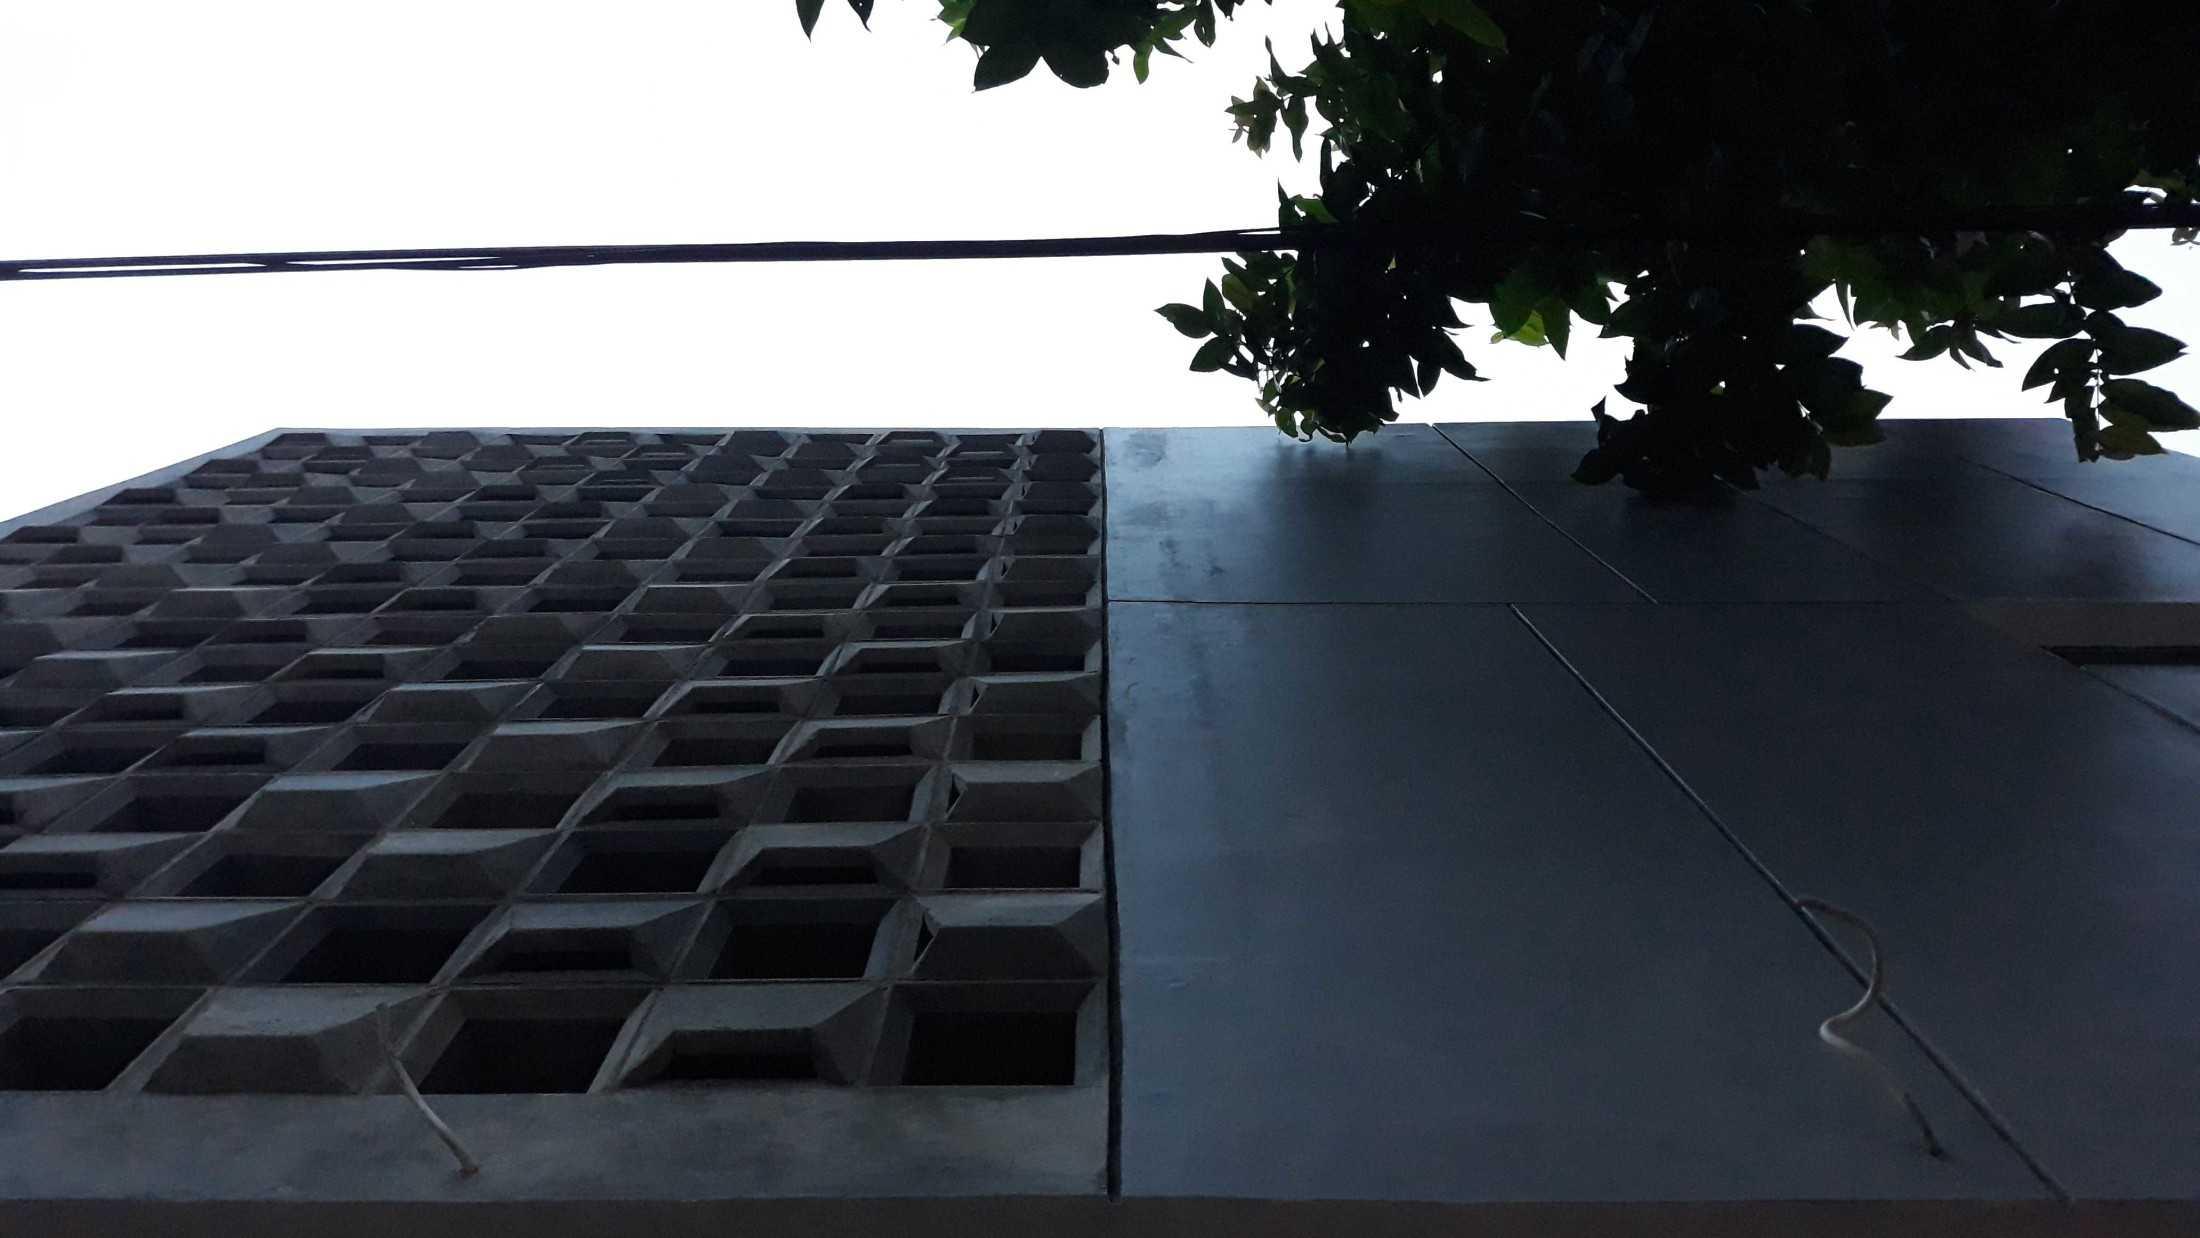 Aldesign Bl House A.k.a Balkon Roster Kecamatan Beji, Kota Depok, Jawa Barat, Indonesia Kecamatan Beji, Kota Depok, Jawa Barat, Indonesia Aldesign-Bl-House-Aka-Balkon-Roster  79742